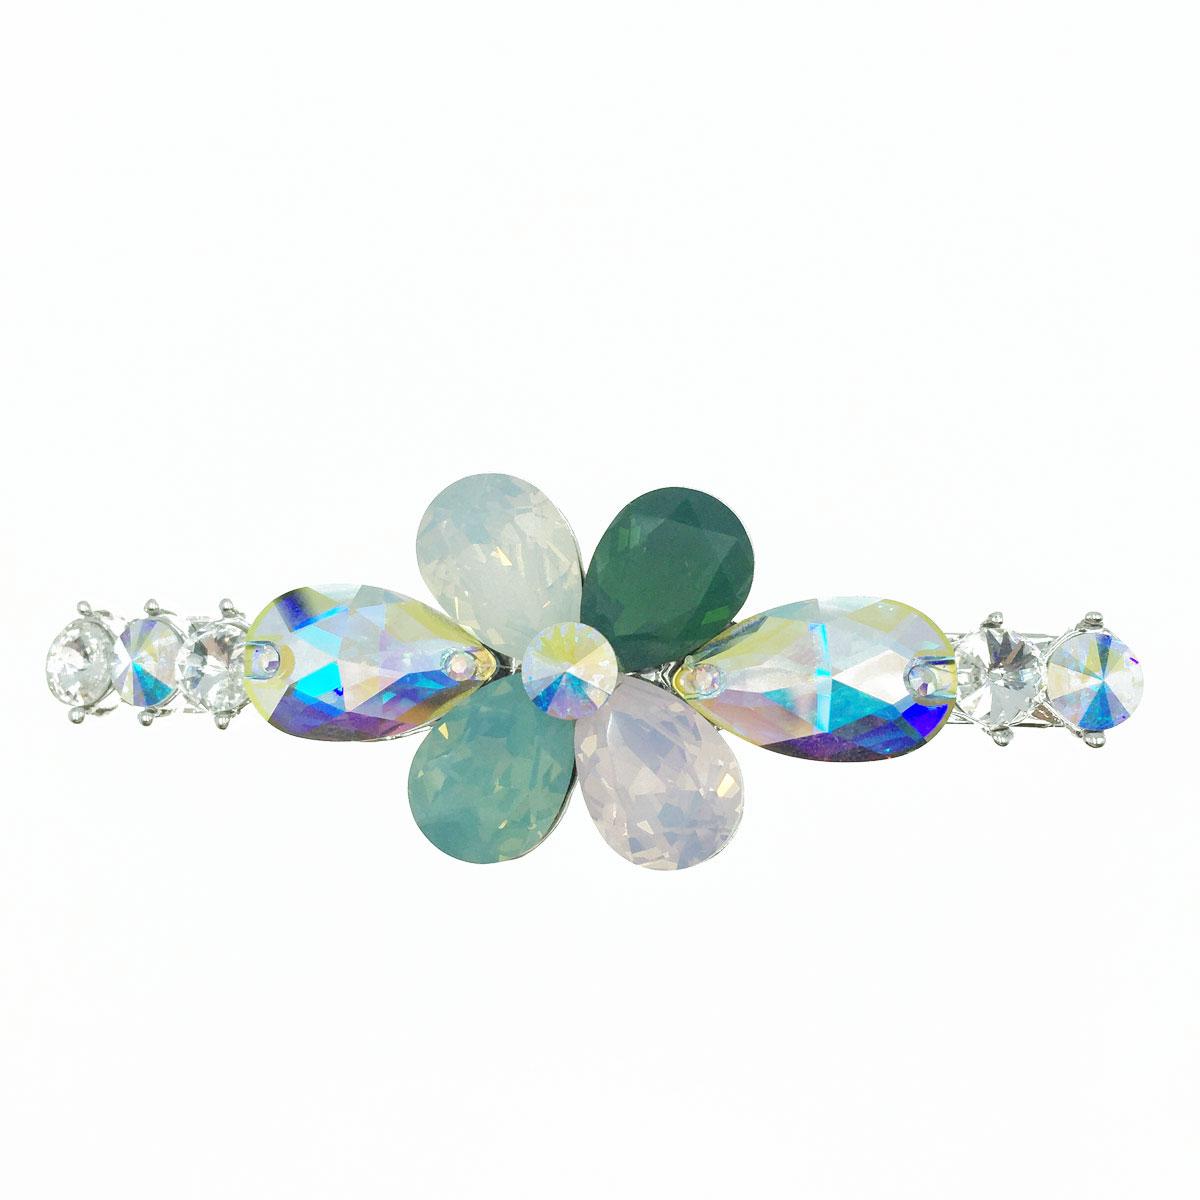 長形花瓣花朵 圓形邊 水晶 水鑽 髮飾 髮夾 自動夾 採用施華洛世奇水晶元素 Crystals from Swarovski